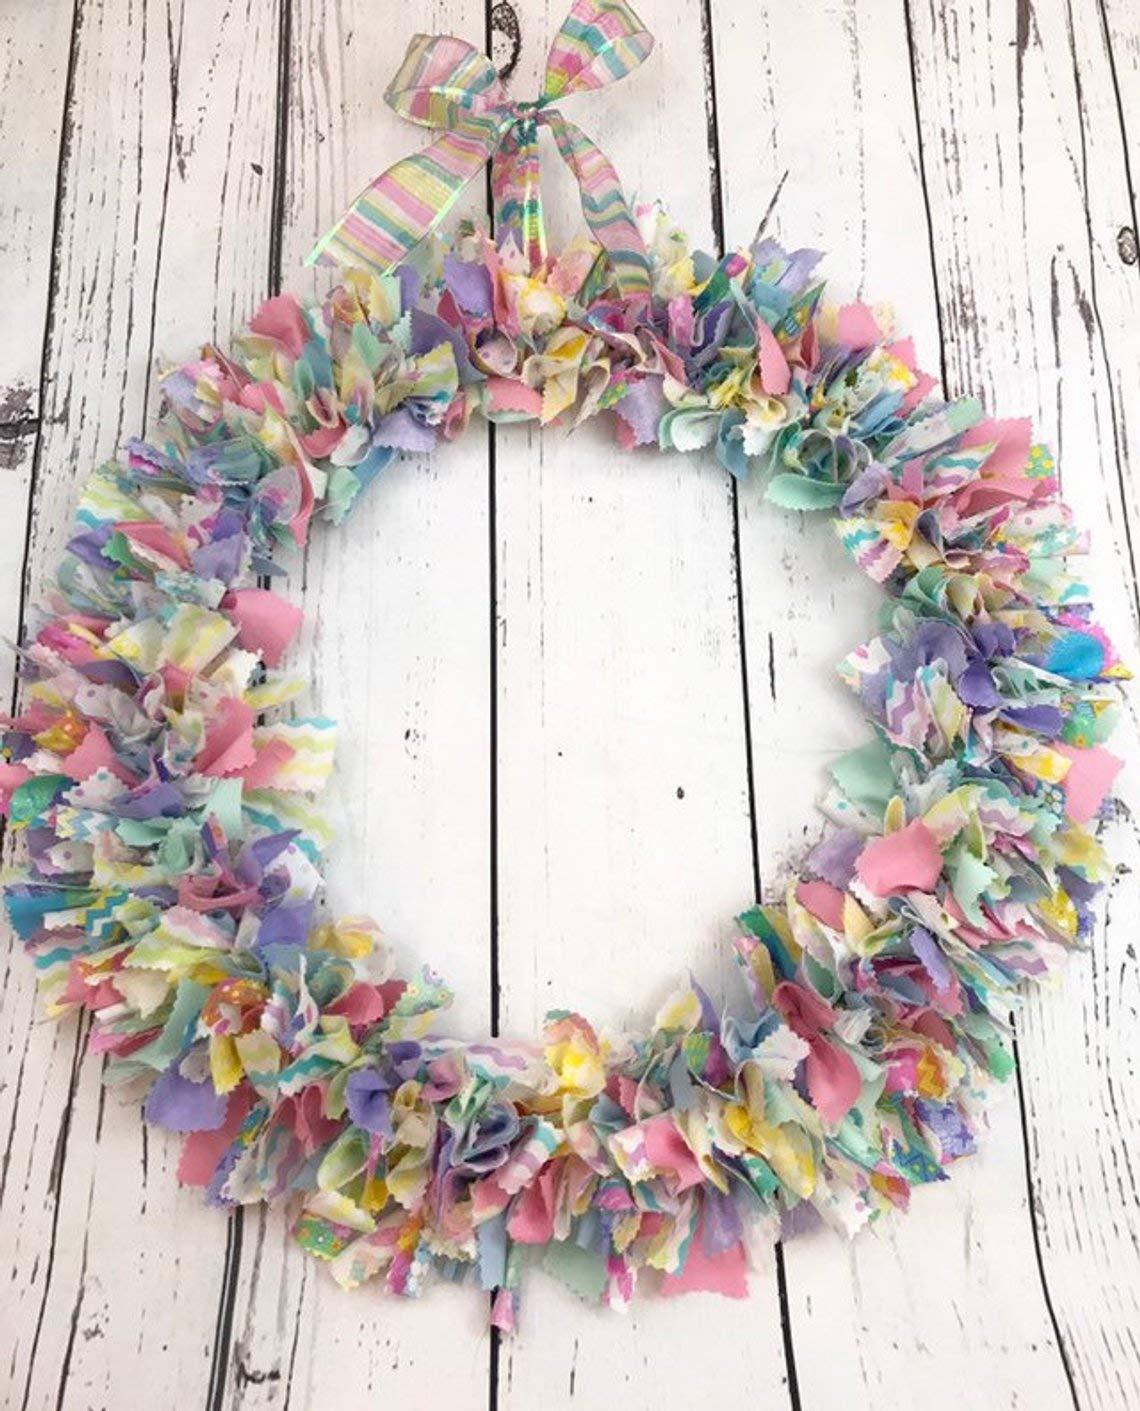 Pastel Easter rag tie wreath